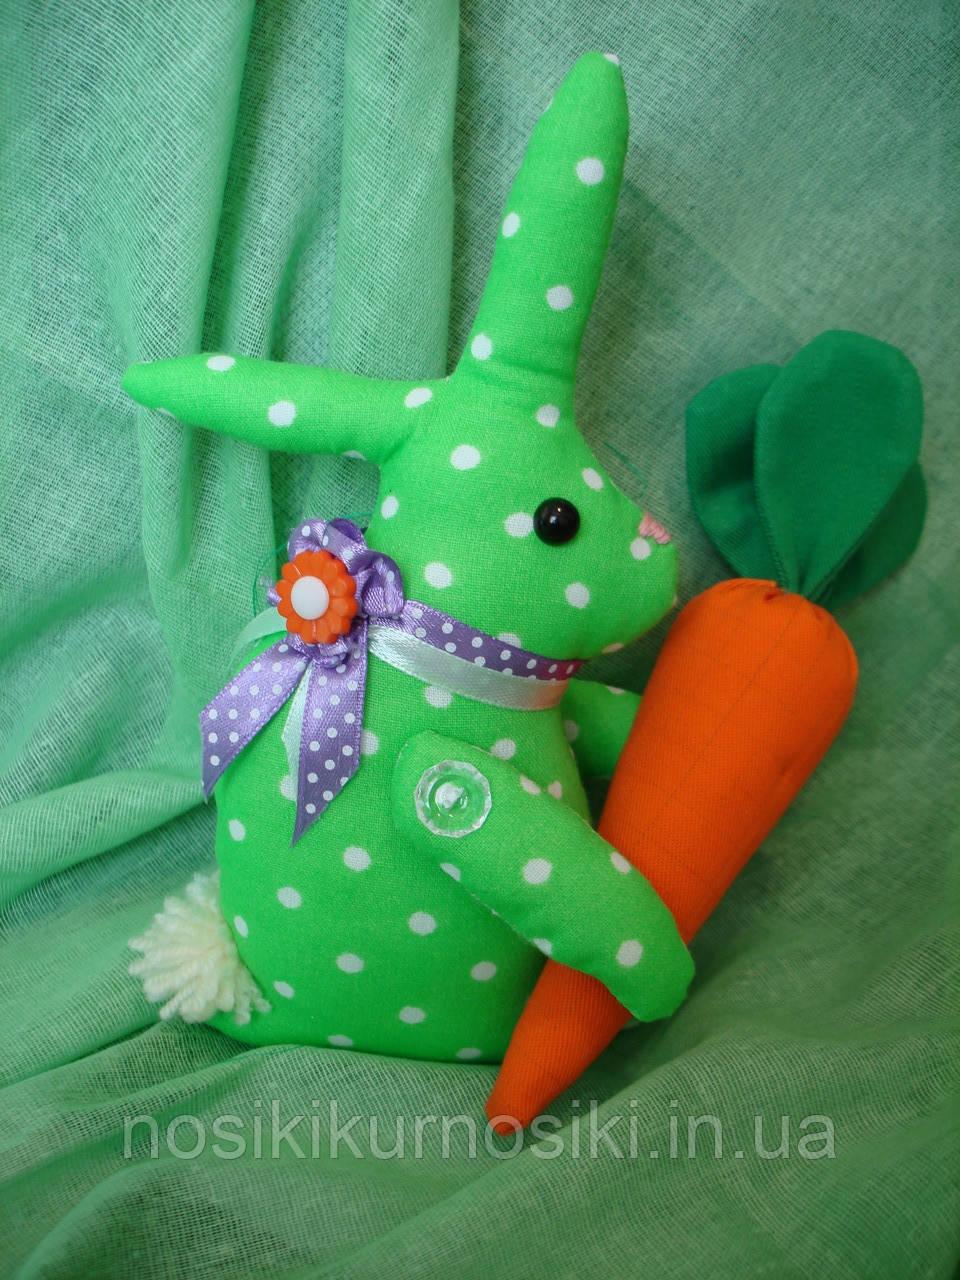 Пасхальный заяц ручной работы из натуральных тканей, цена за штуку